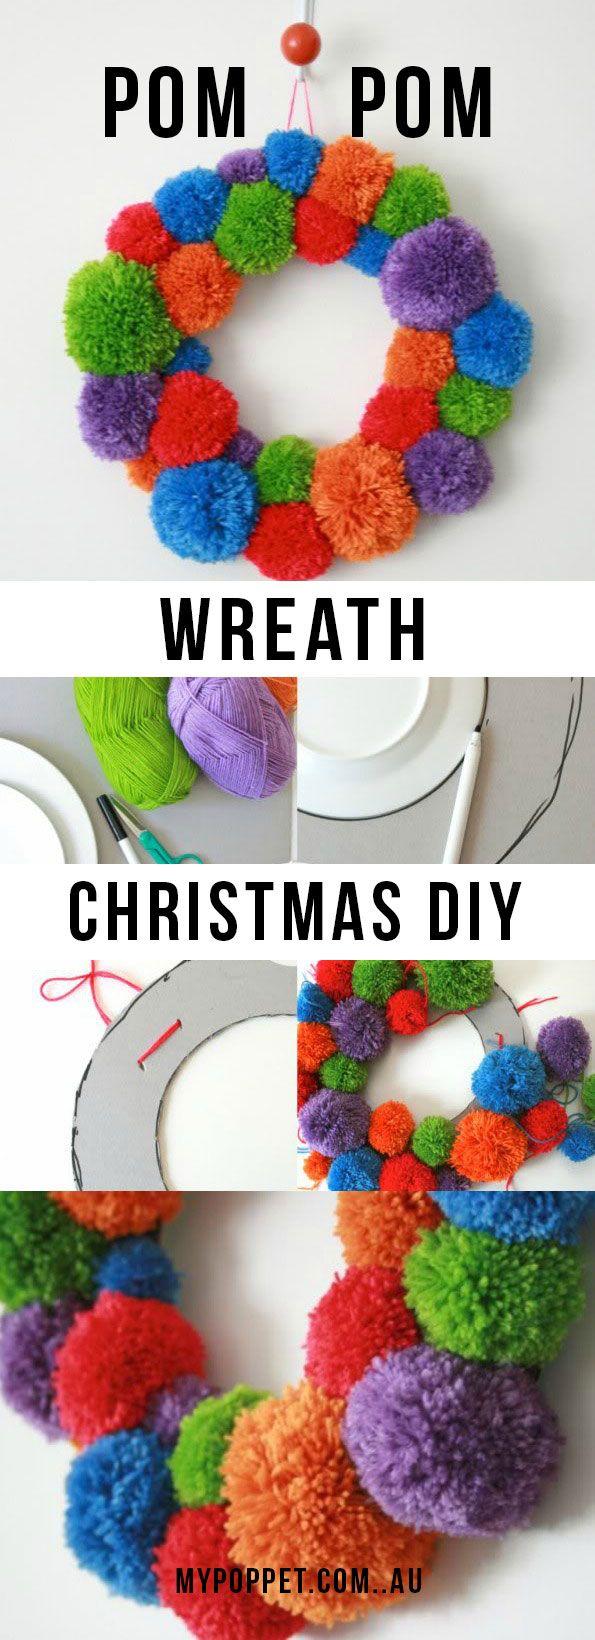 How to make a Pom Pom Wreath for the Holidays - Christmas Craft mypoppet.com.au